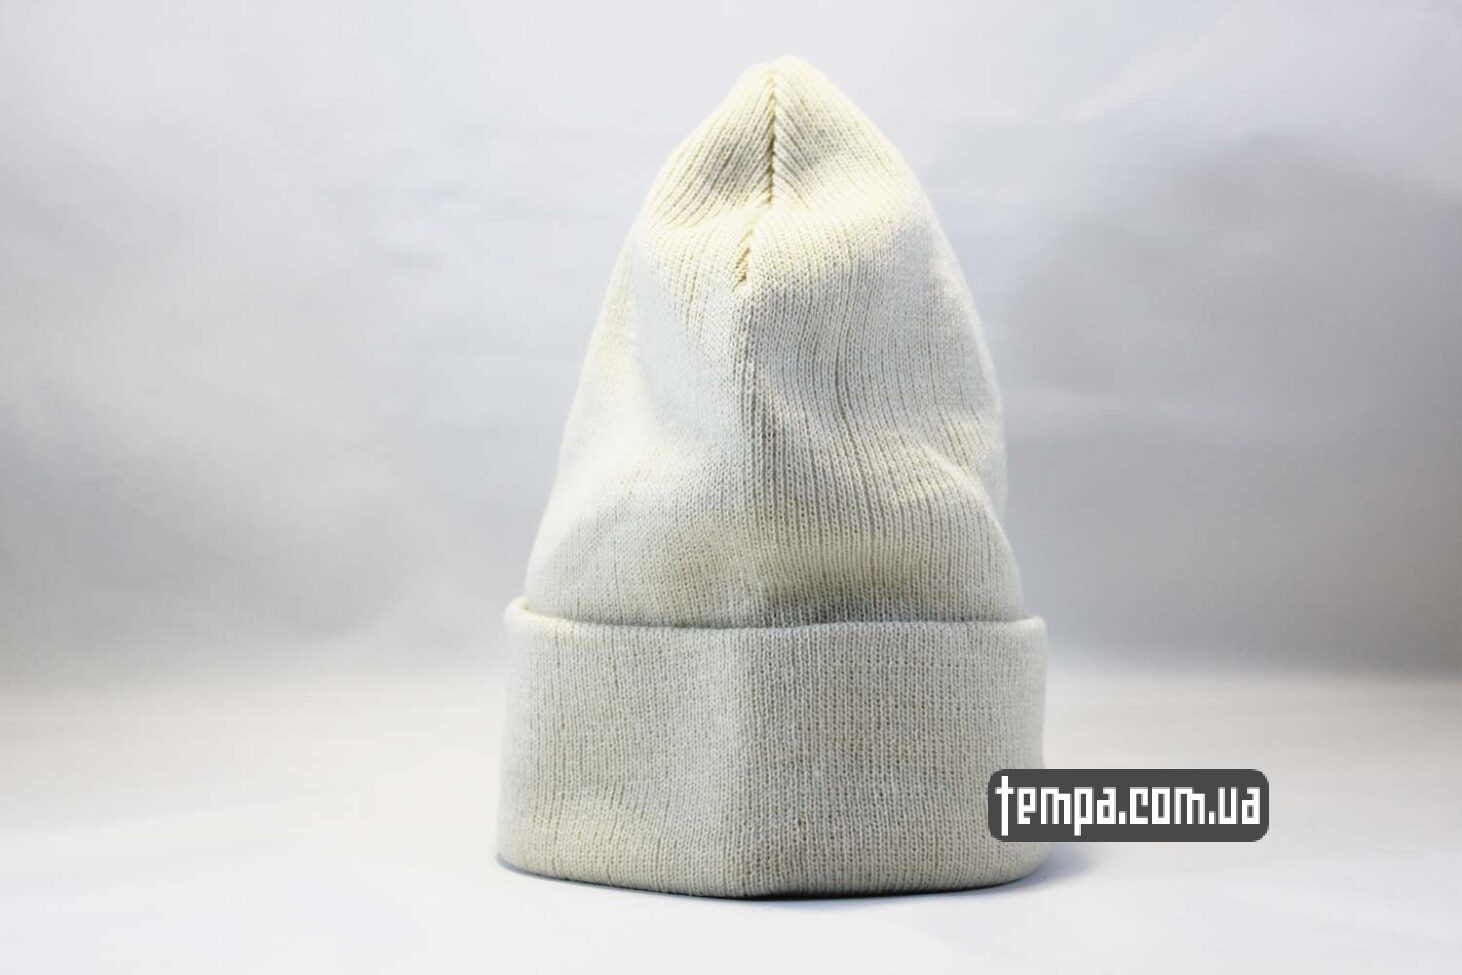 купить оригинал шапка beanie чисто белая однотонная без логотипов ASOS HM